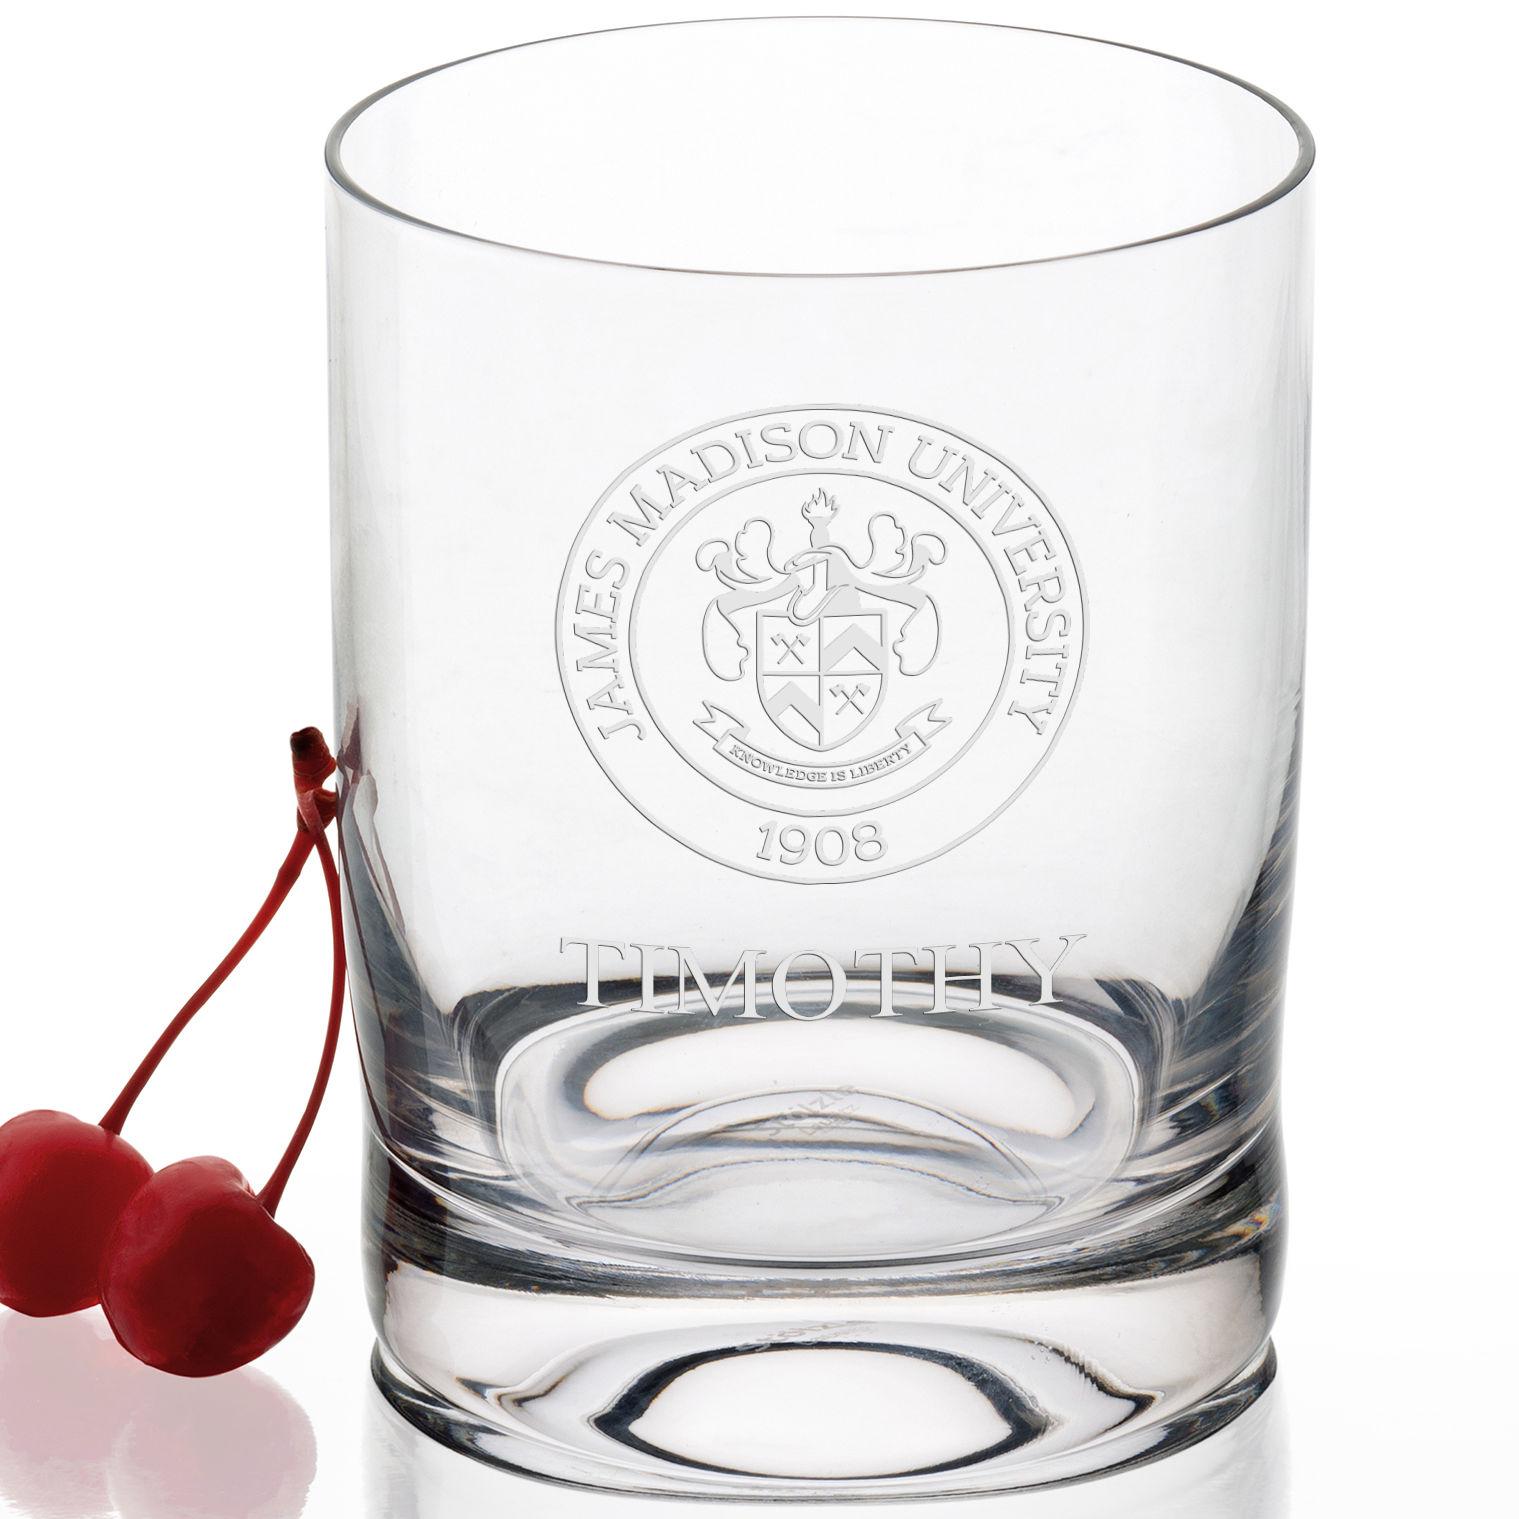 James Madison University Tumbler Glasses - Set of 2 - Image 2